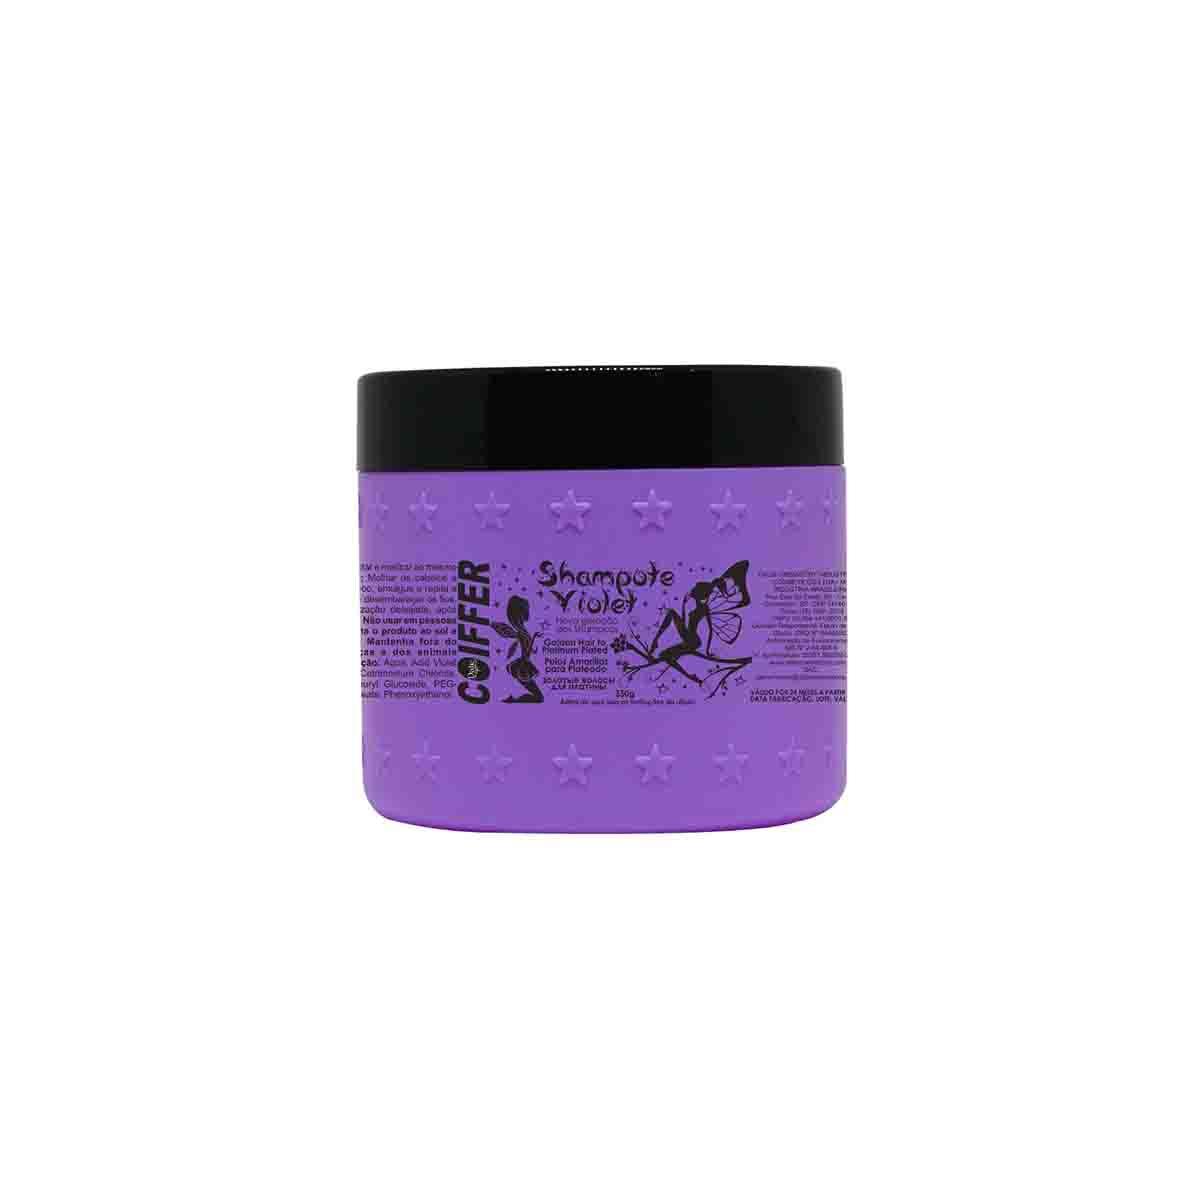 Shampoo Matizador Shampote Violet Coiffer 300g